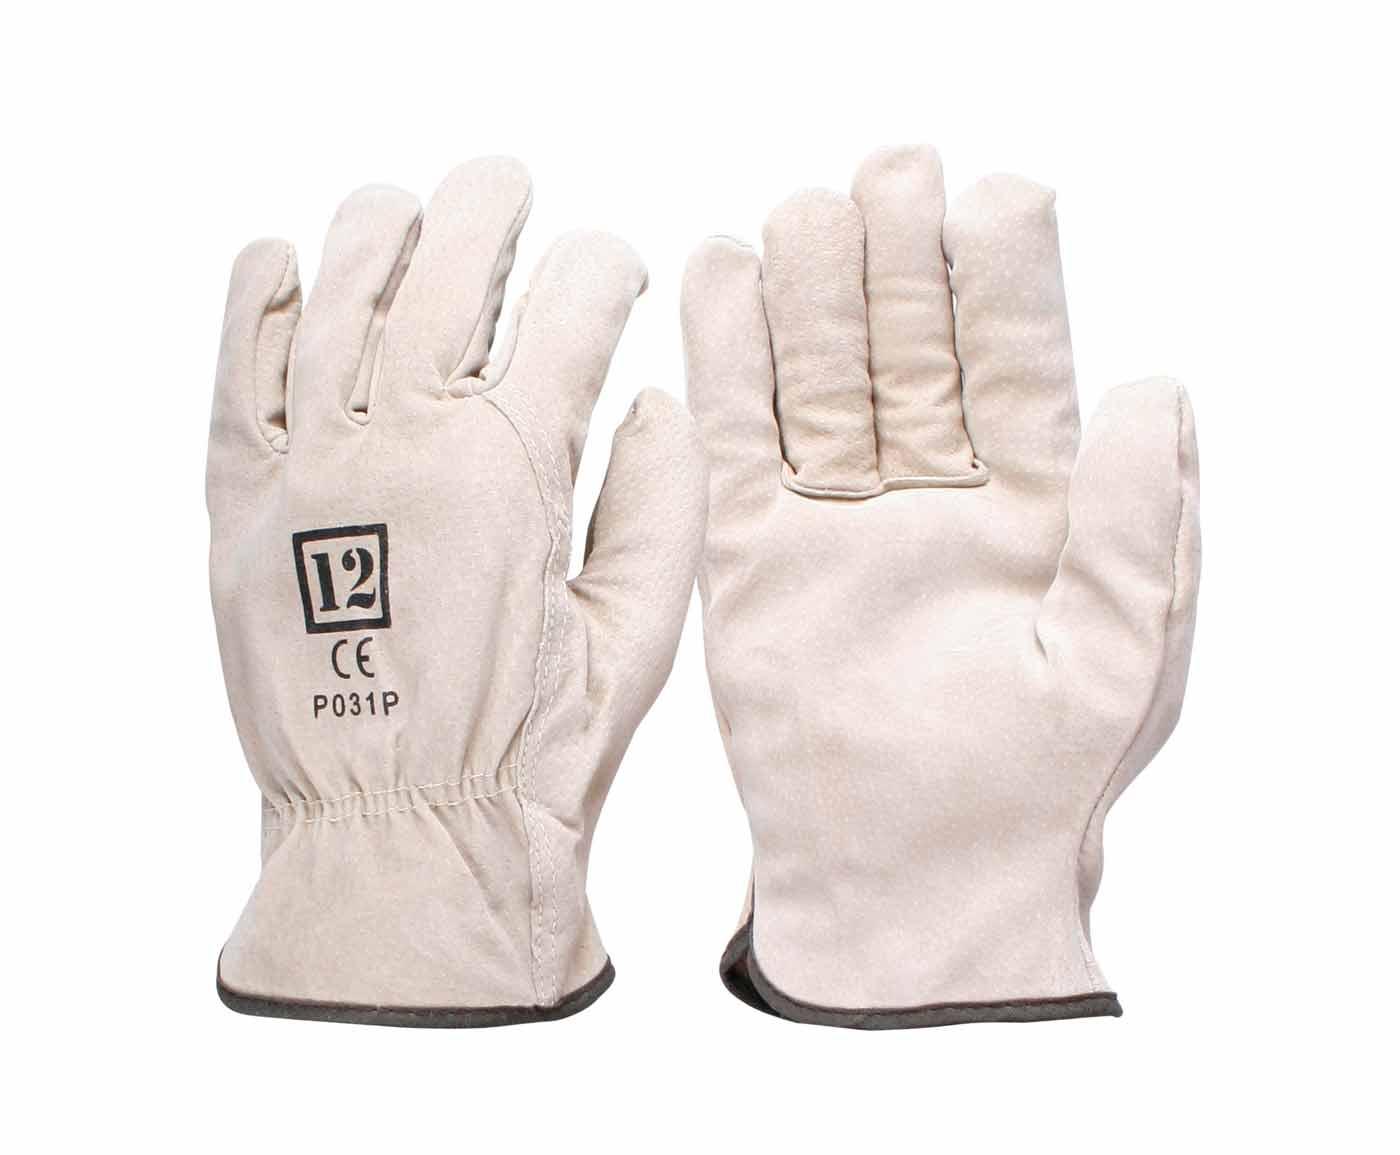 pigskin riggers gloves work safety glove p031p